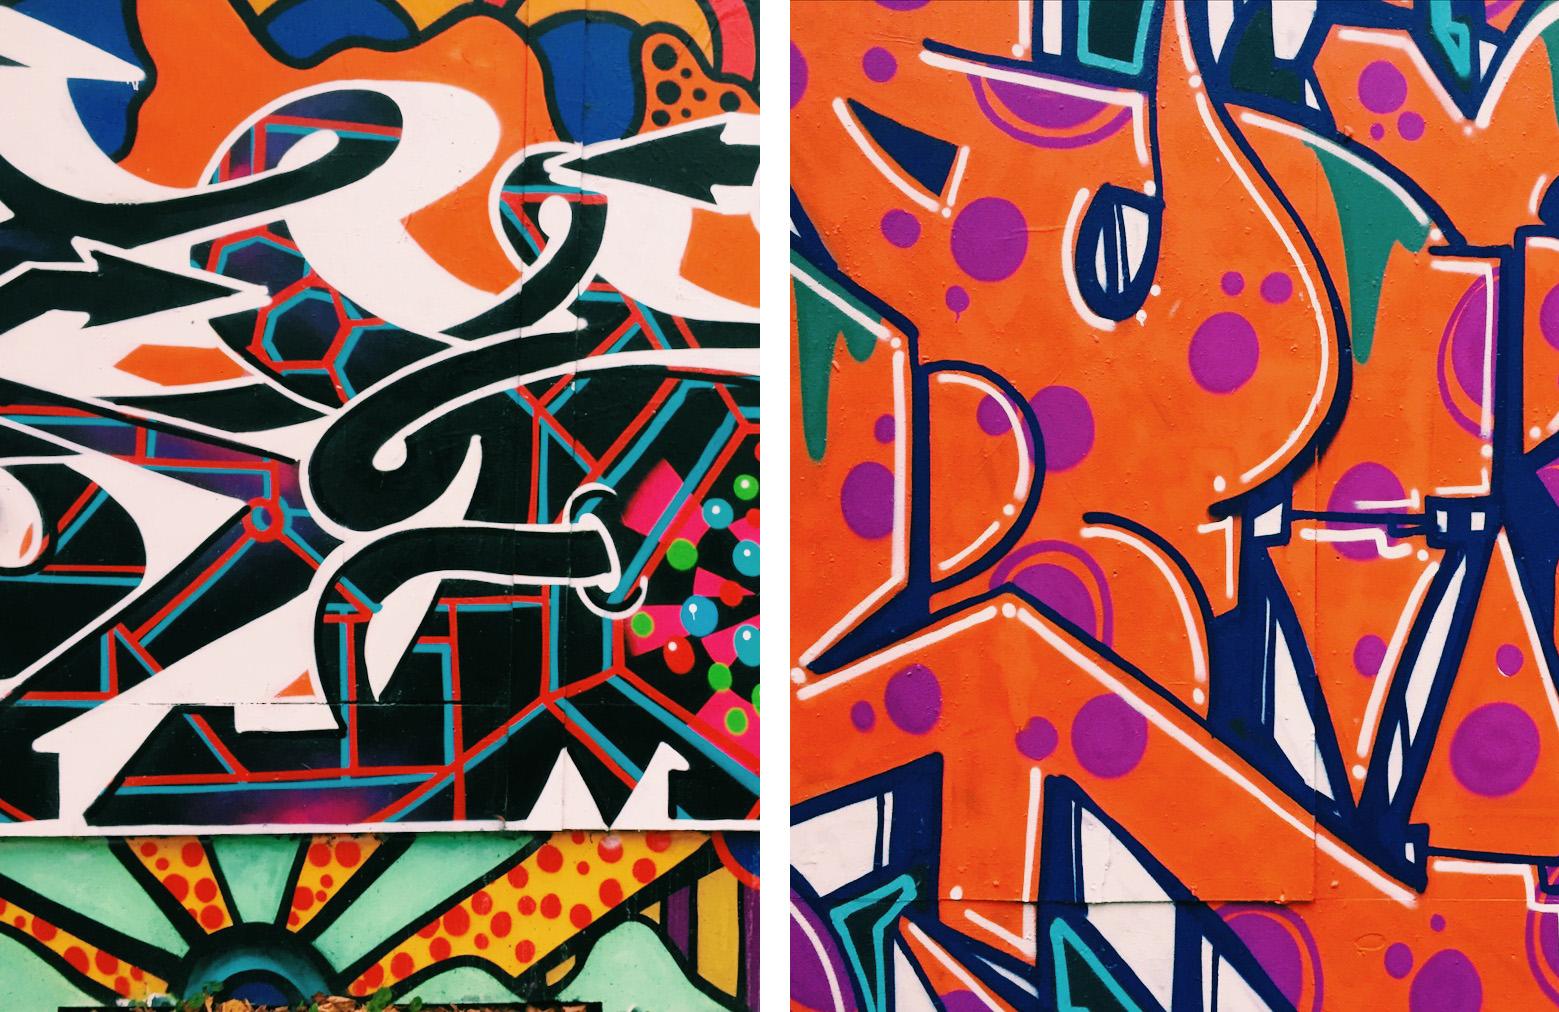 colourful-guide-to-copenhagen-travel-blogger-street-art